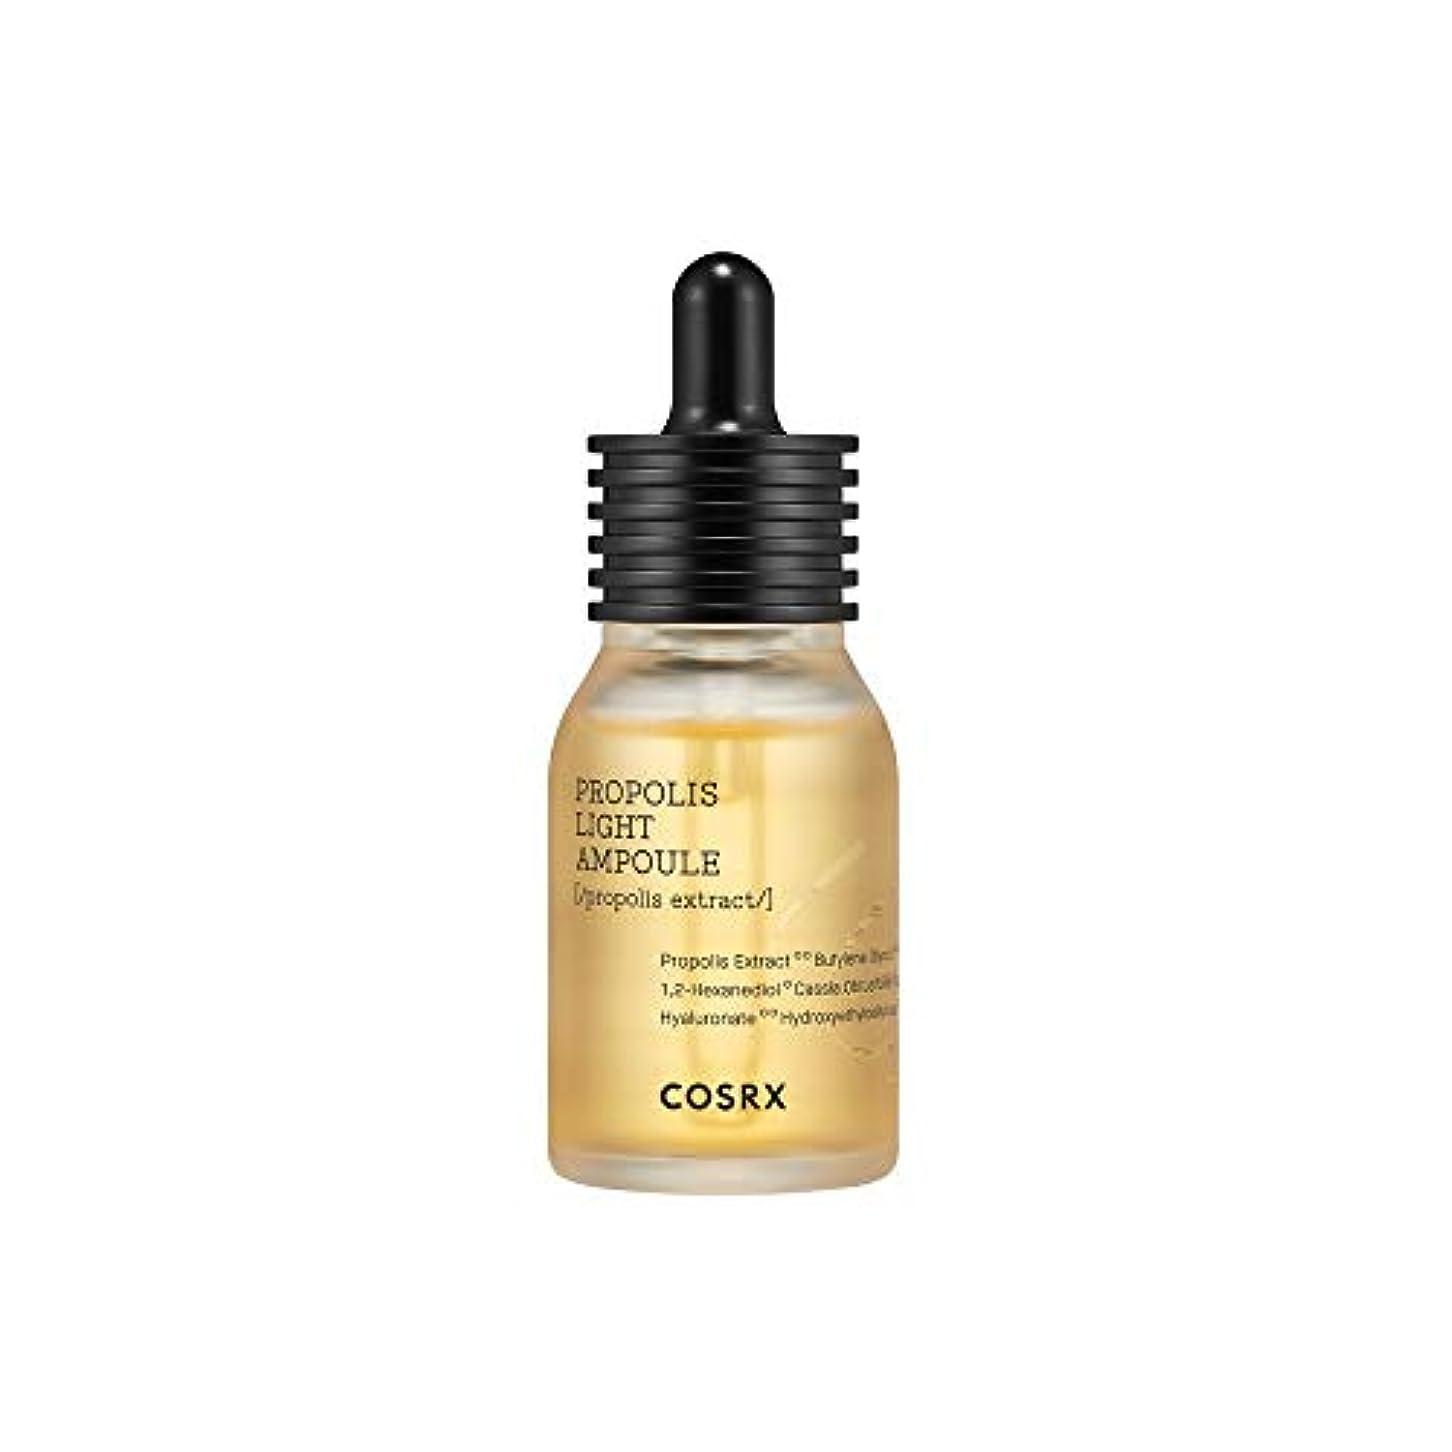 酸度自分自身男性COSRX Full Fit Propolis Light Ampule, 30ml / 1.01 fl.oz/フールフィットプロポリスライトアンプル(並行輸入品)